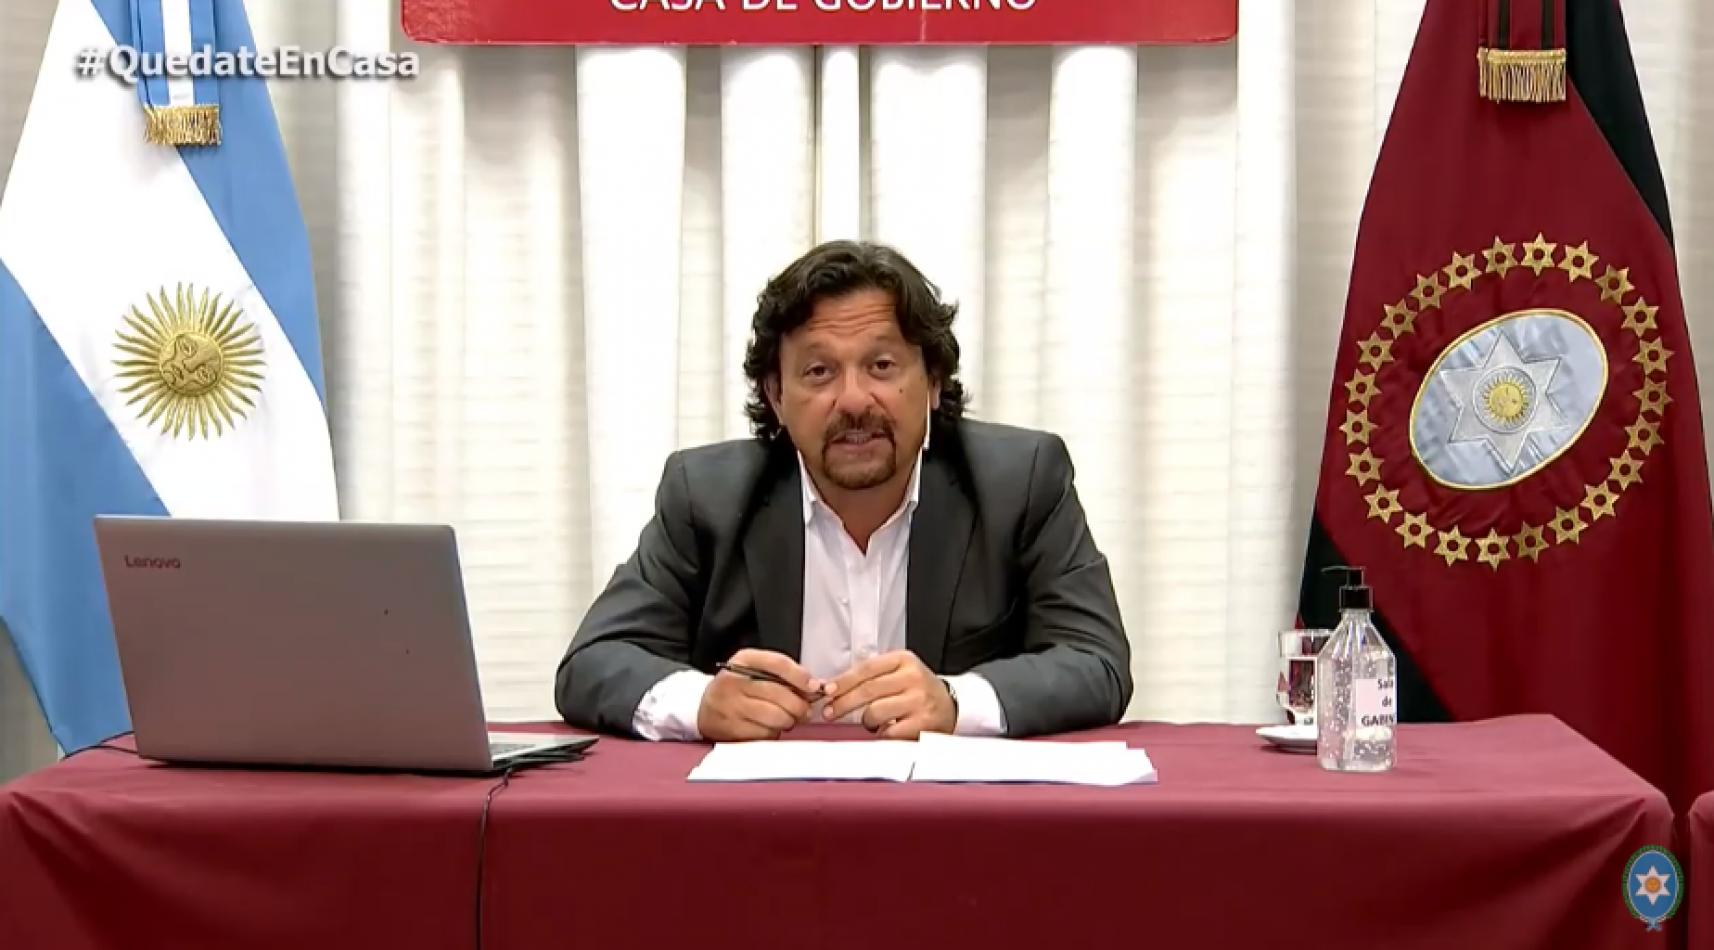 Gustavo Sáenz anunció la restricción de la circulación en ciudades de más de 30 mil habitantes con el sistema de DNI pares e impares